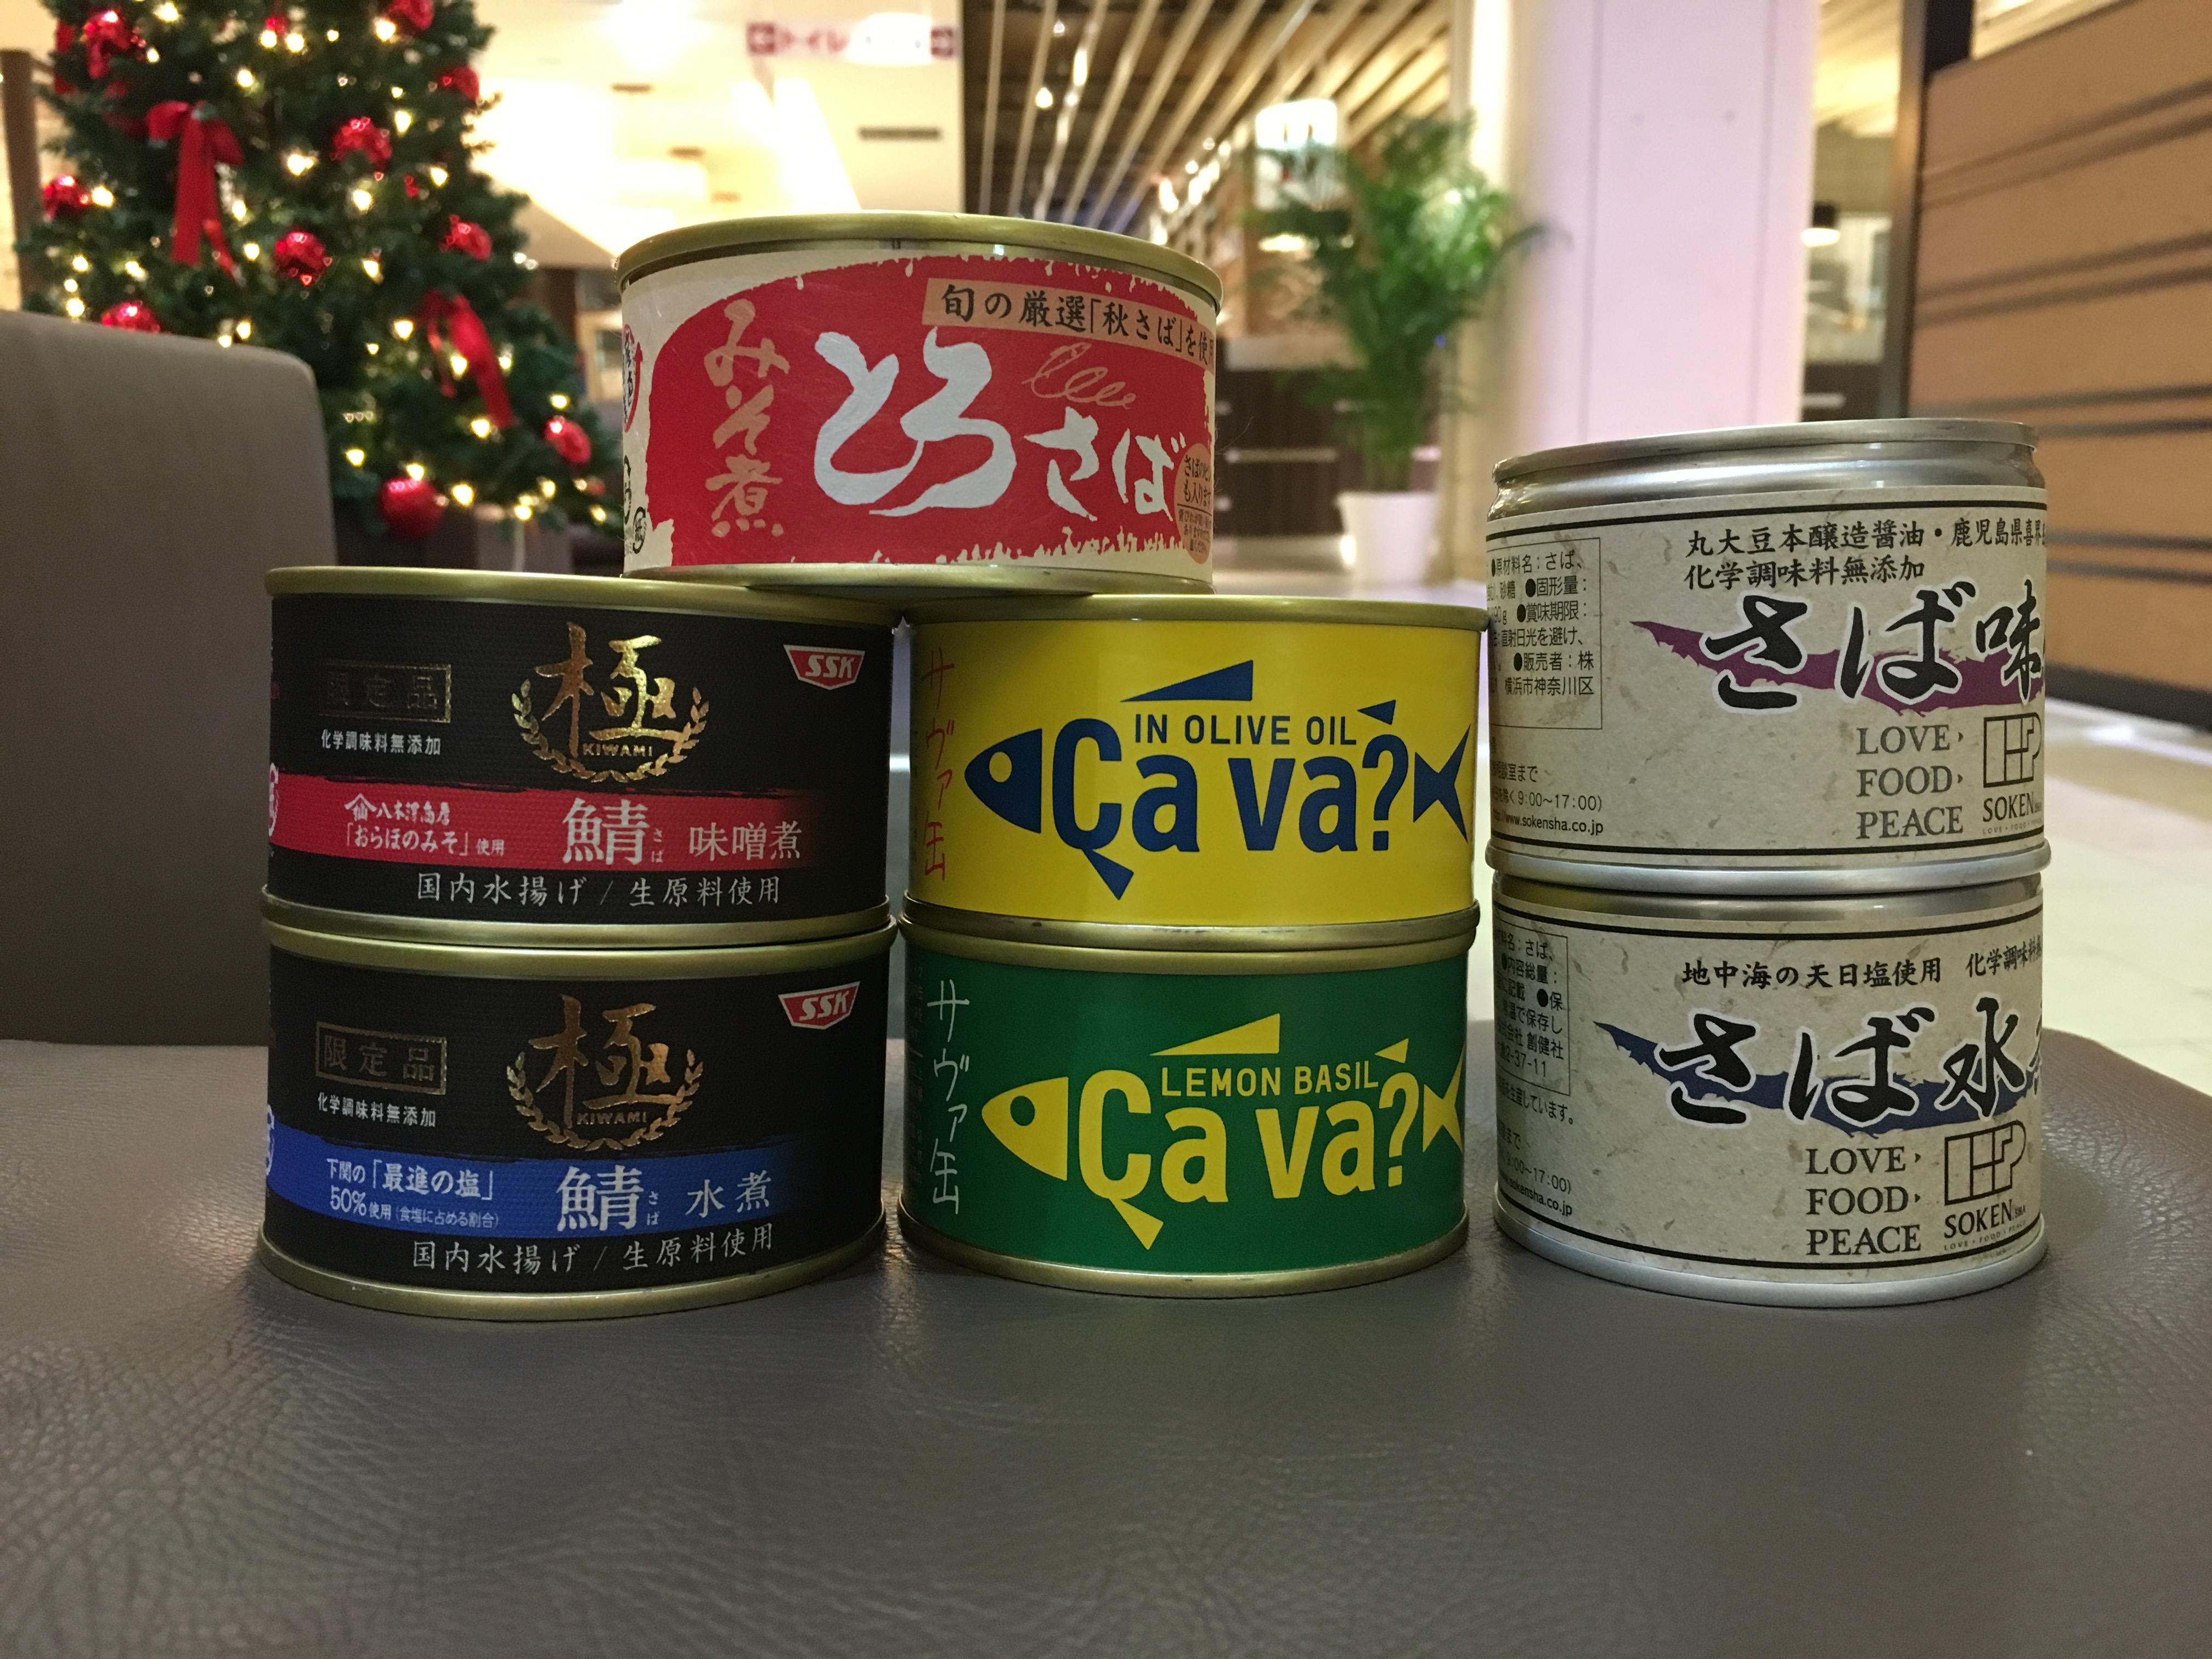 170種類を食べた鯖缶マニアが選ぶ!SSKセールスのサバ缶ランキングベスト5